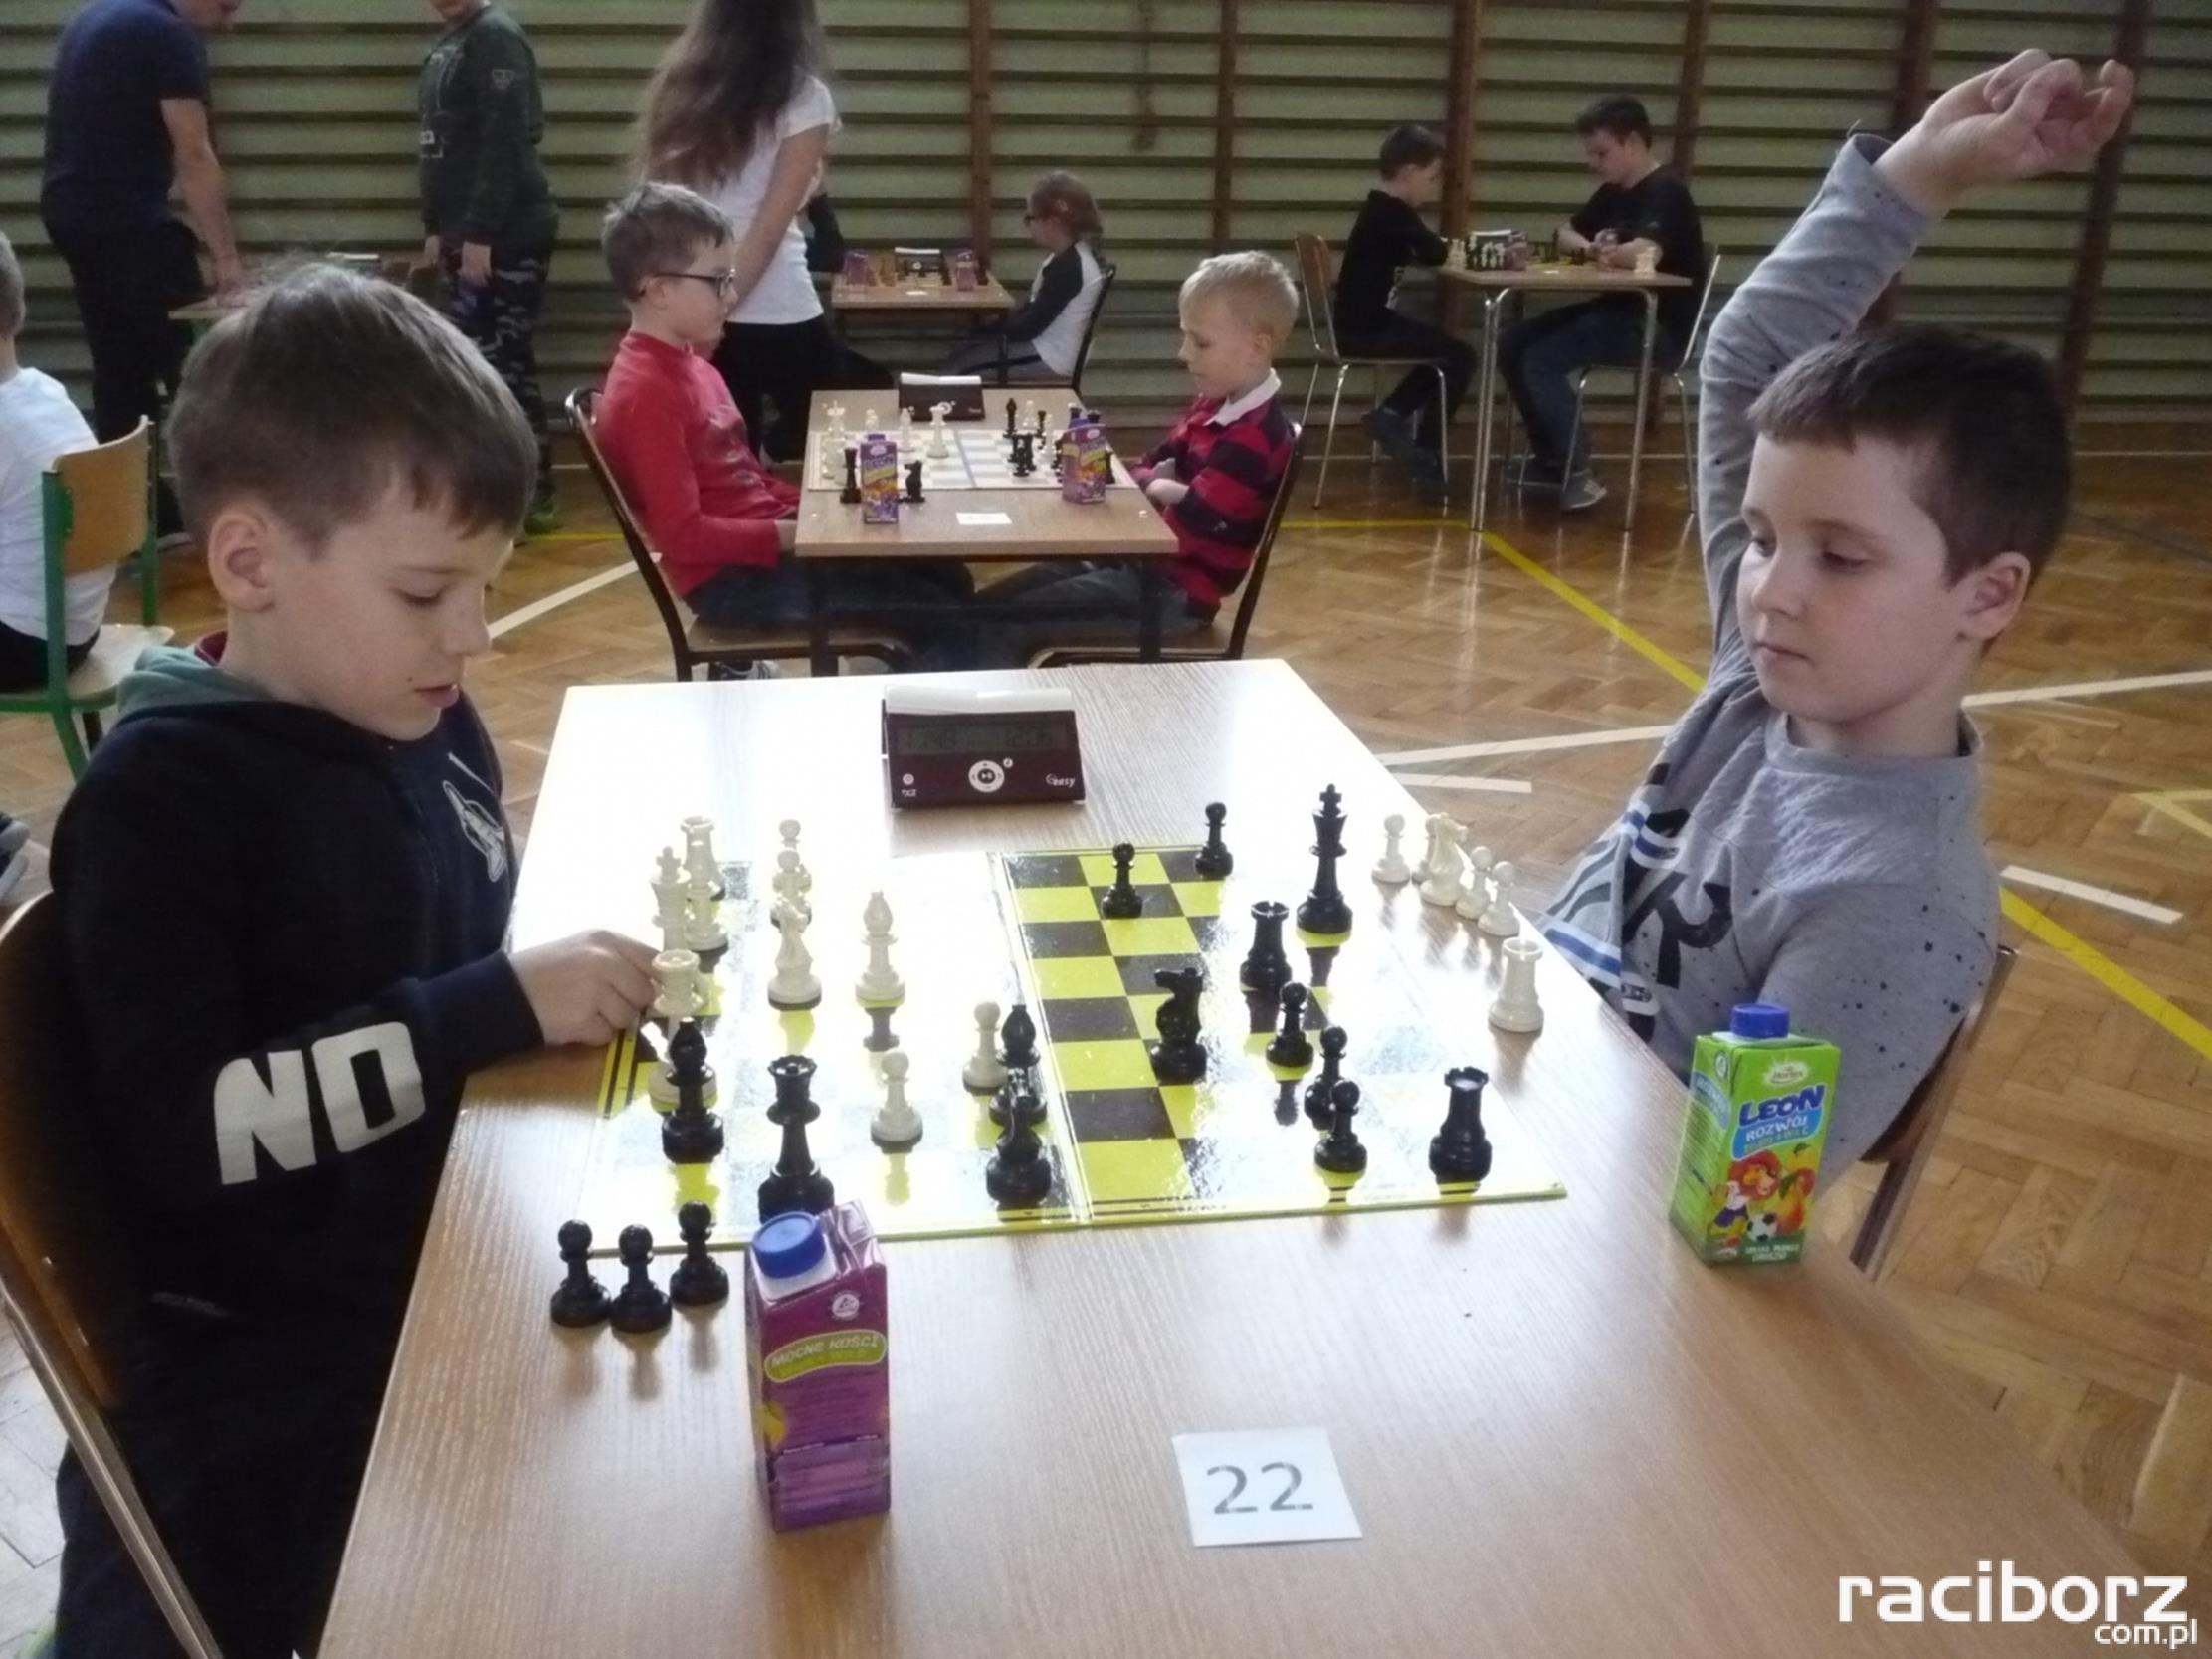 turniej szachowy tworkow krzyzanowice piszcz (11)